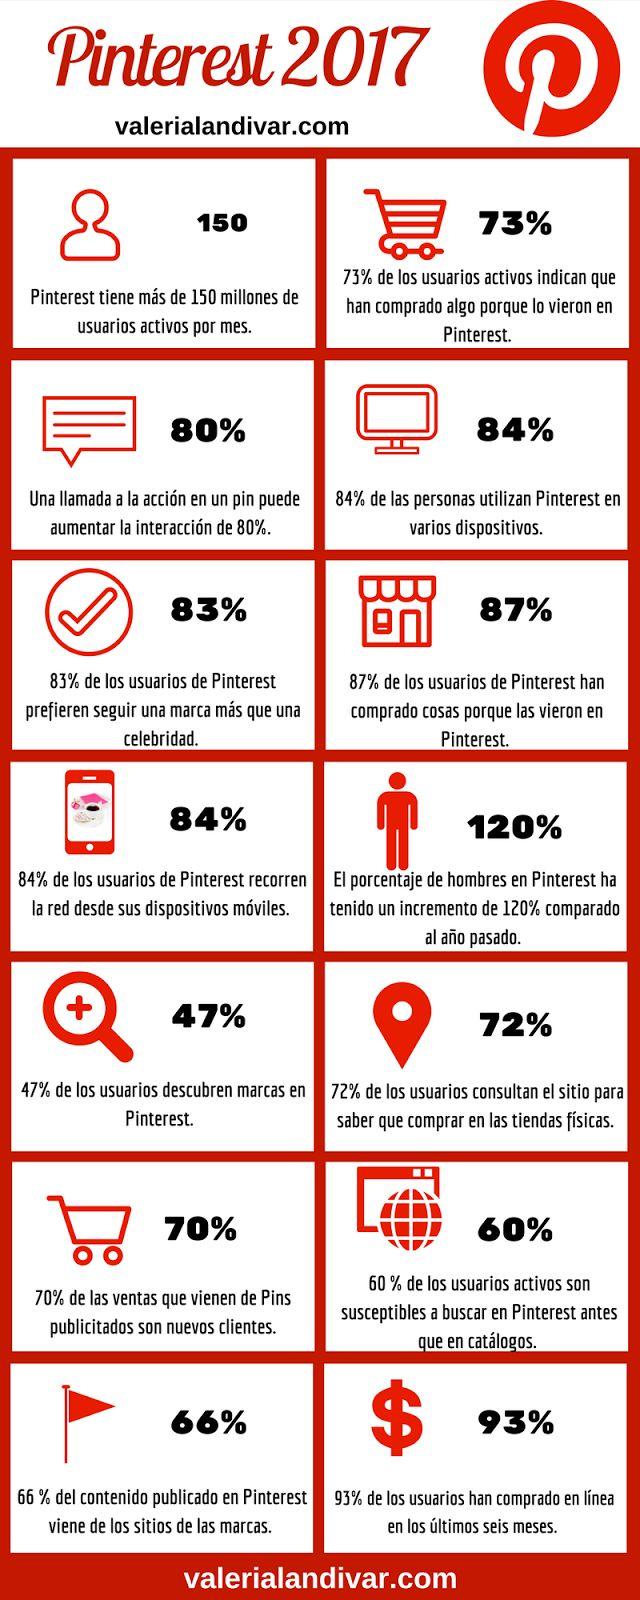 Datos clave sobre Pinterest #infografia